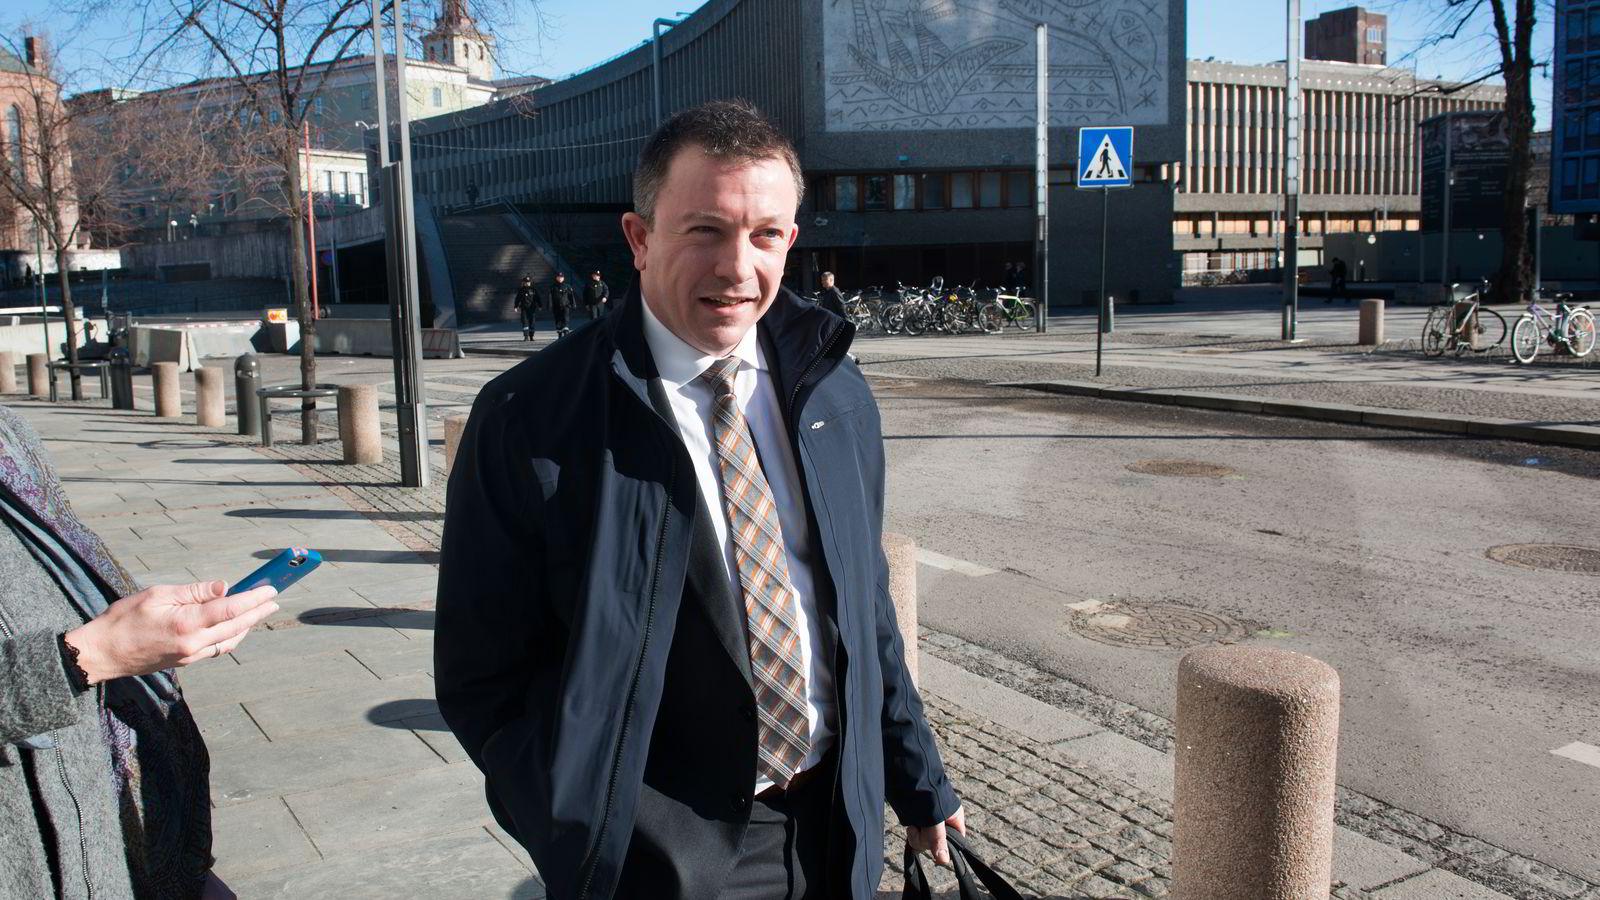 Administrerende direktør Karl Johnny Hersvik i Det norske.